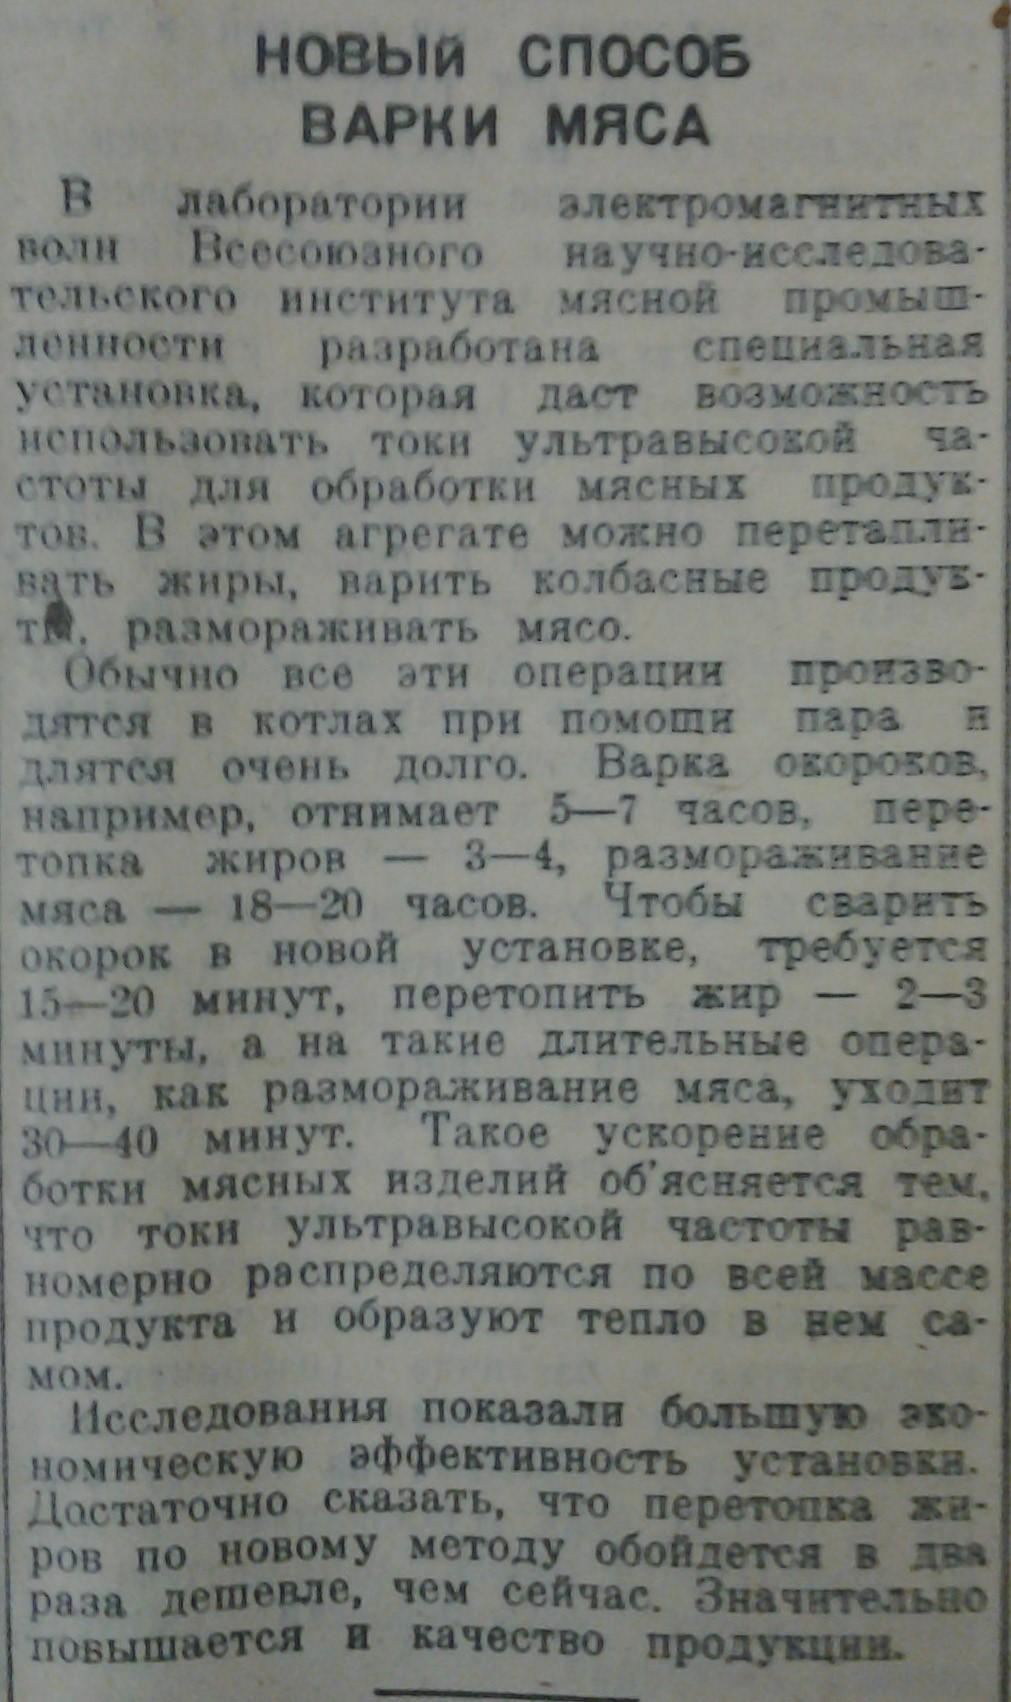 открытие микроволновки в СССР - Вред микроволновки - выдумка или научно доказанный факт? Кто такой доктор Ханс Ульрих Хертел, что не так с его исследованием и при чем тут эффект Плацебо?